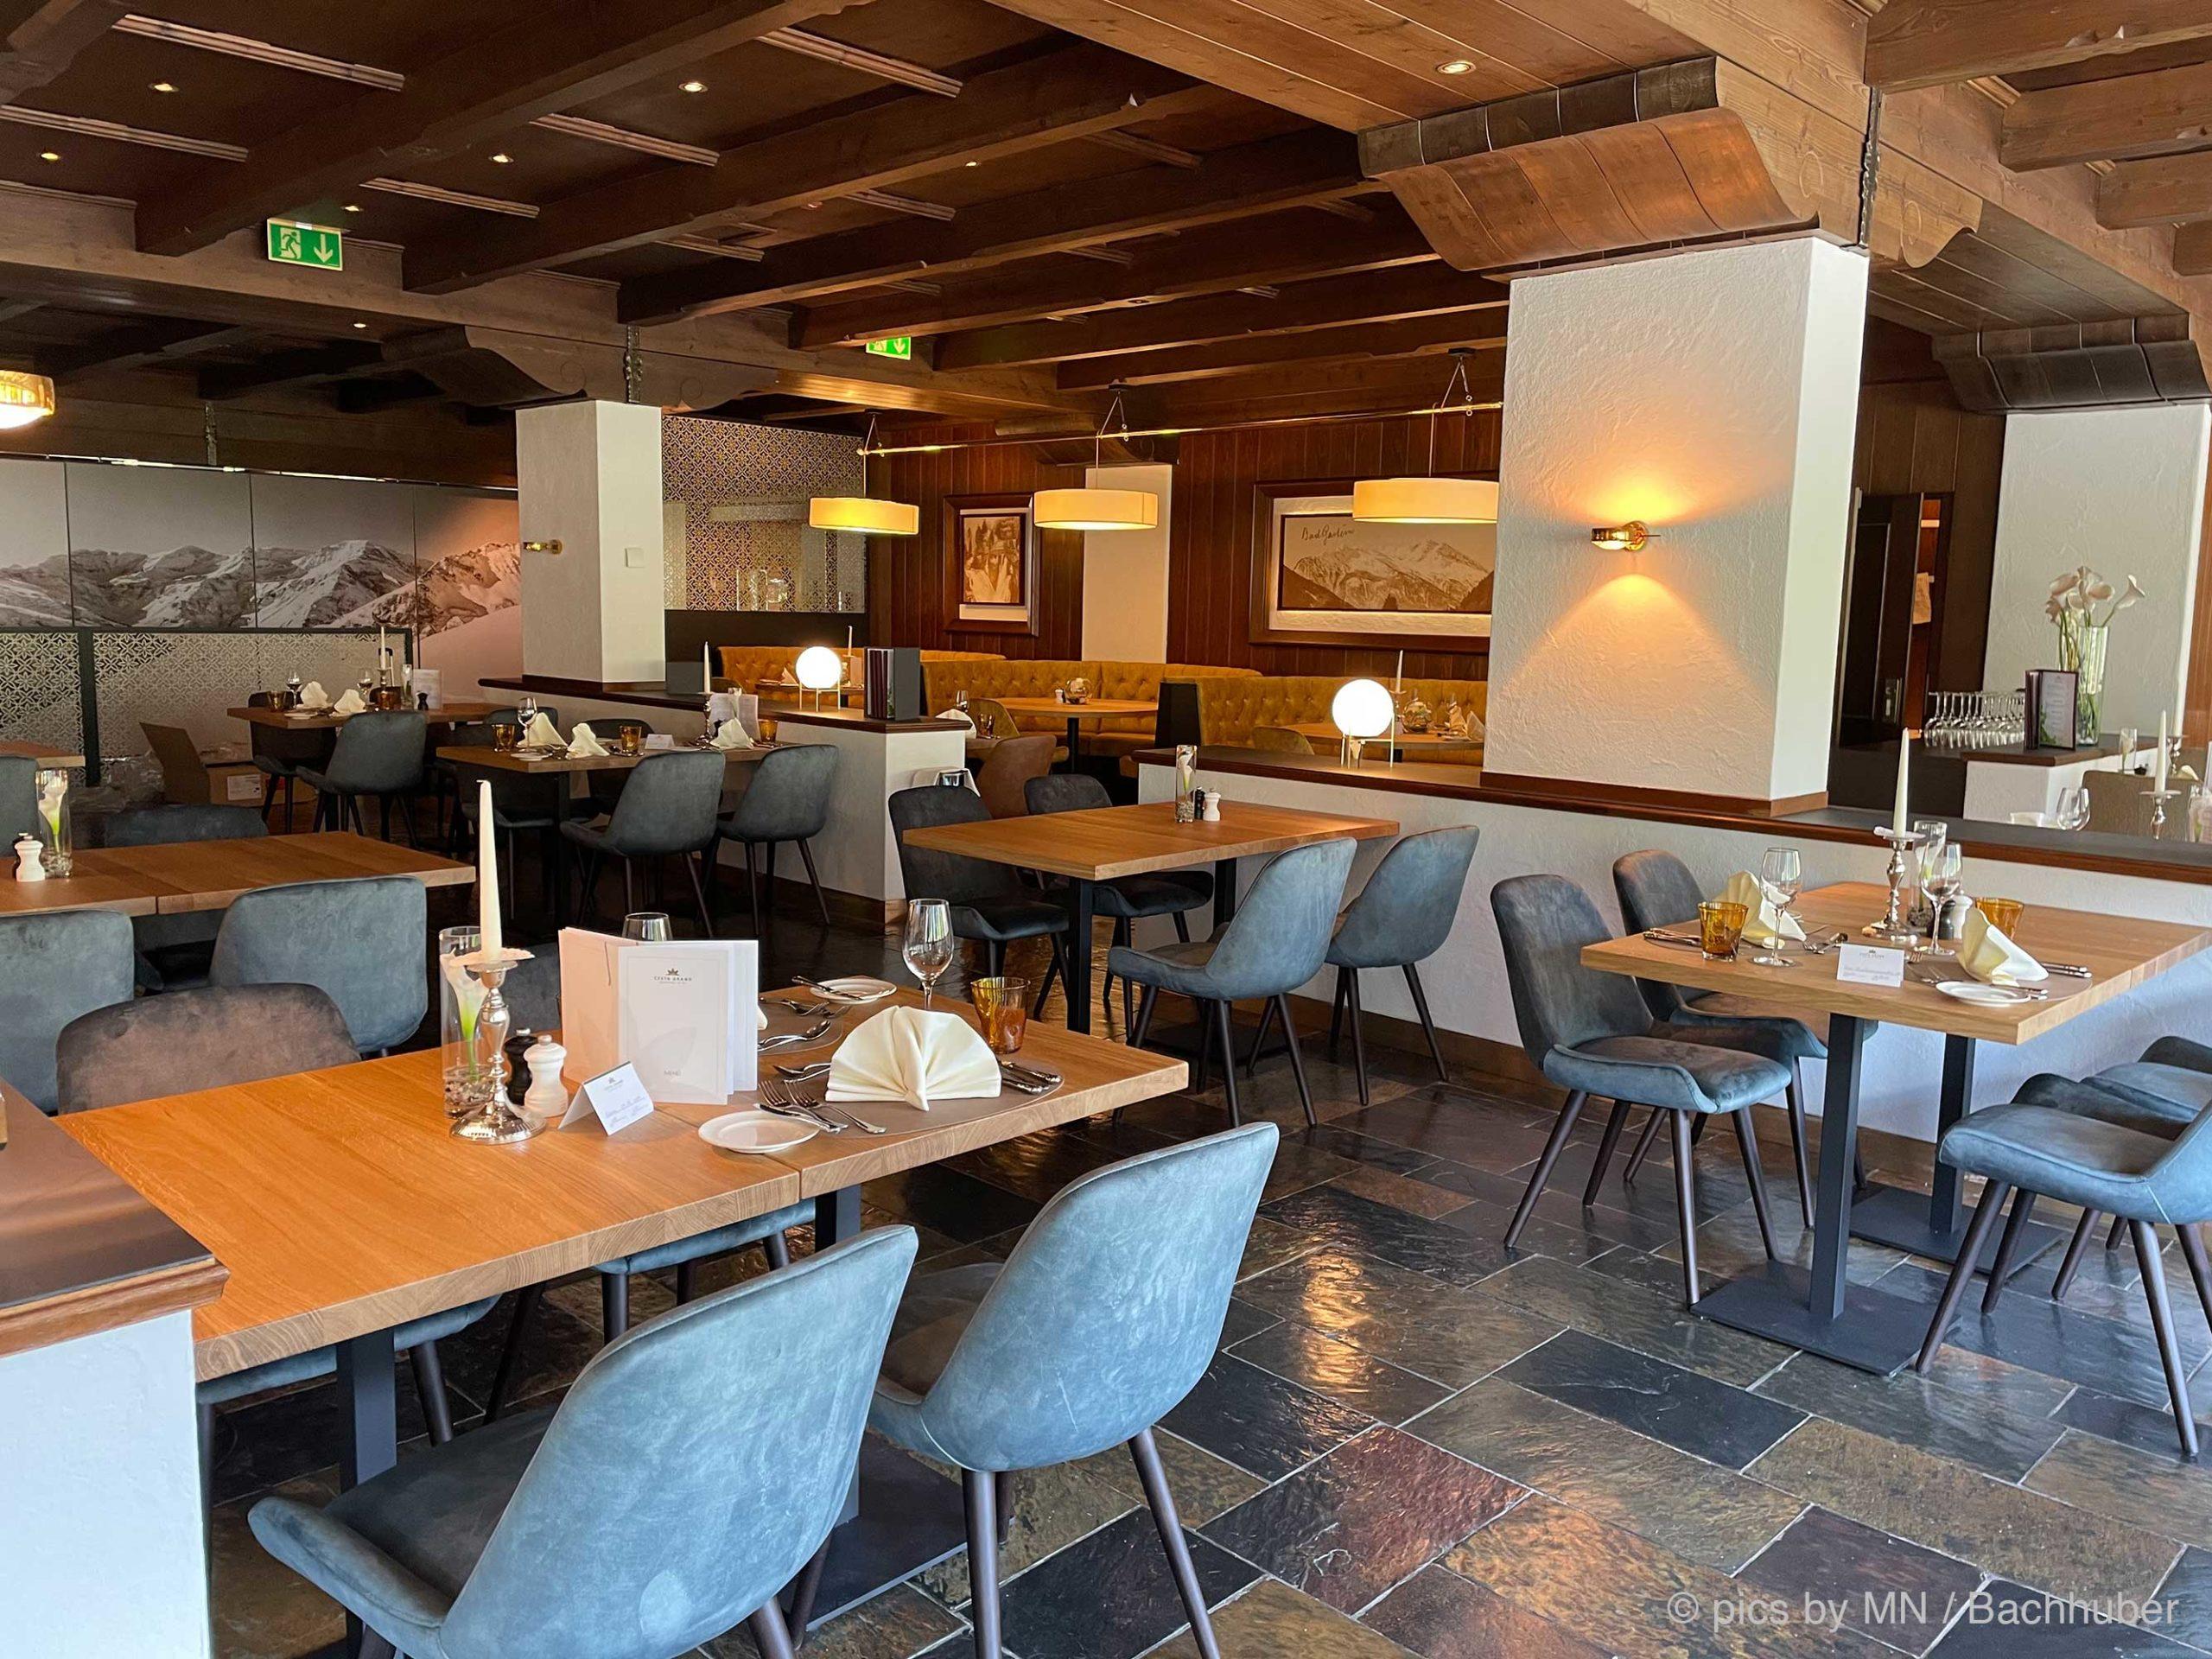 hotelausstattung-hoteleinrichtungen-bachhuber-Hotel-Cesta_Grand_Bad-Gastein_0199